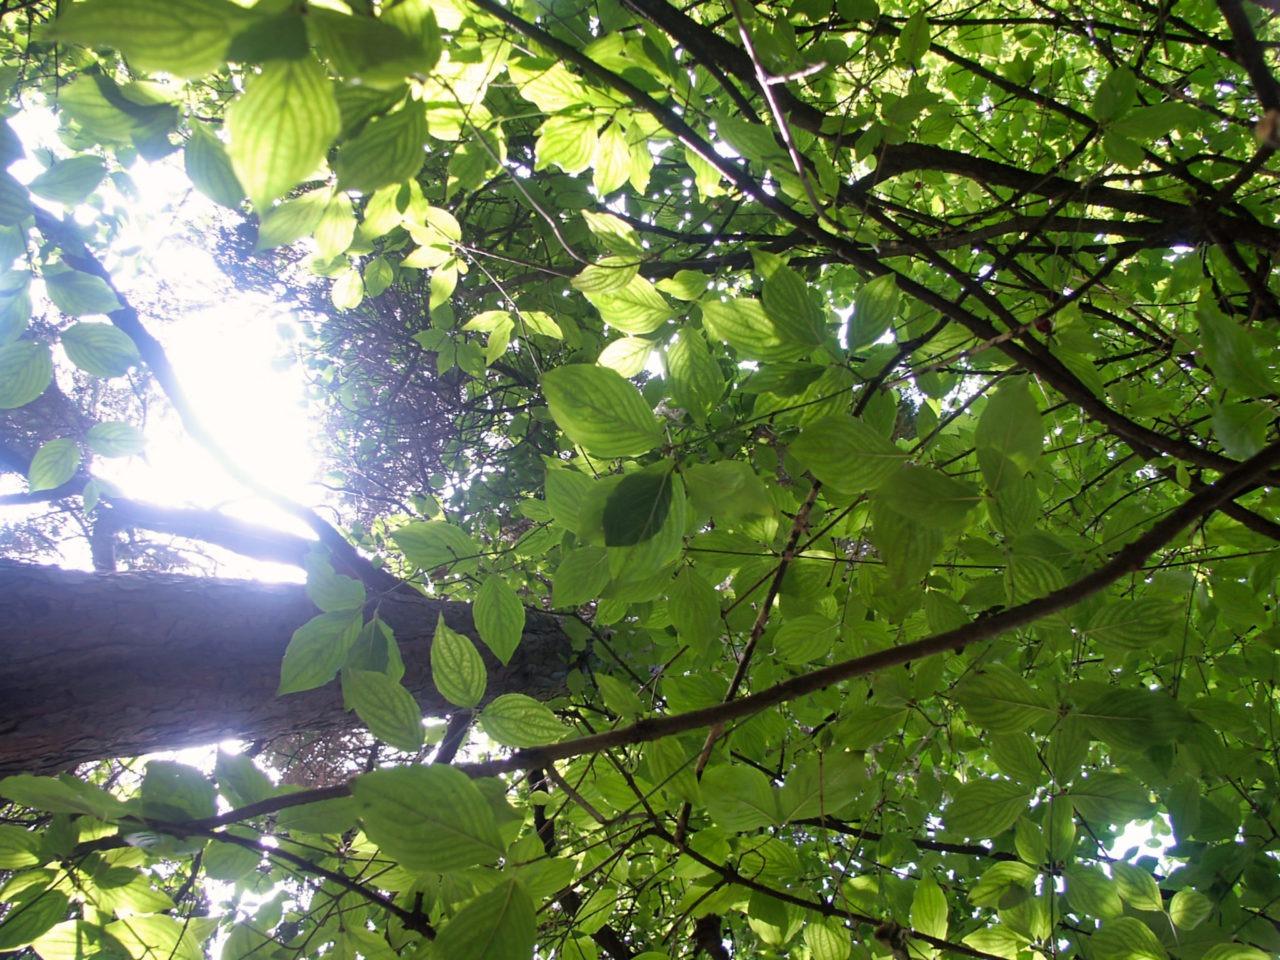 De botanische tuin in Zagreb - De zon door de bomen